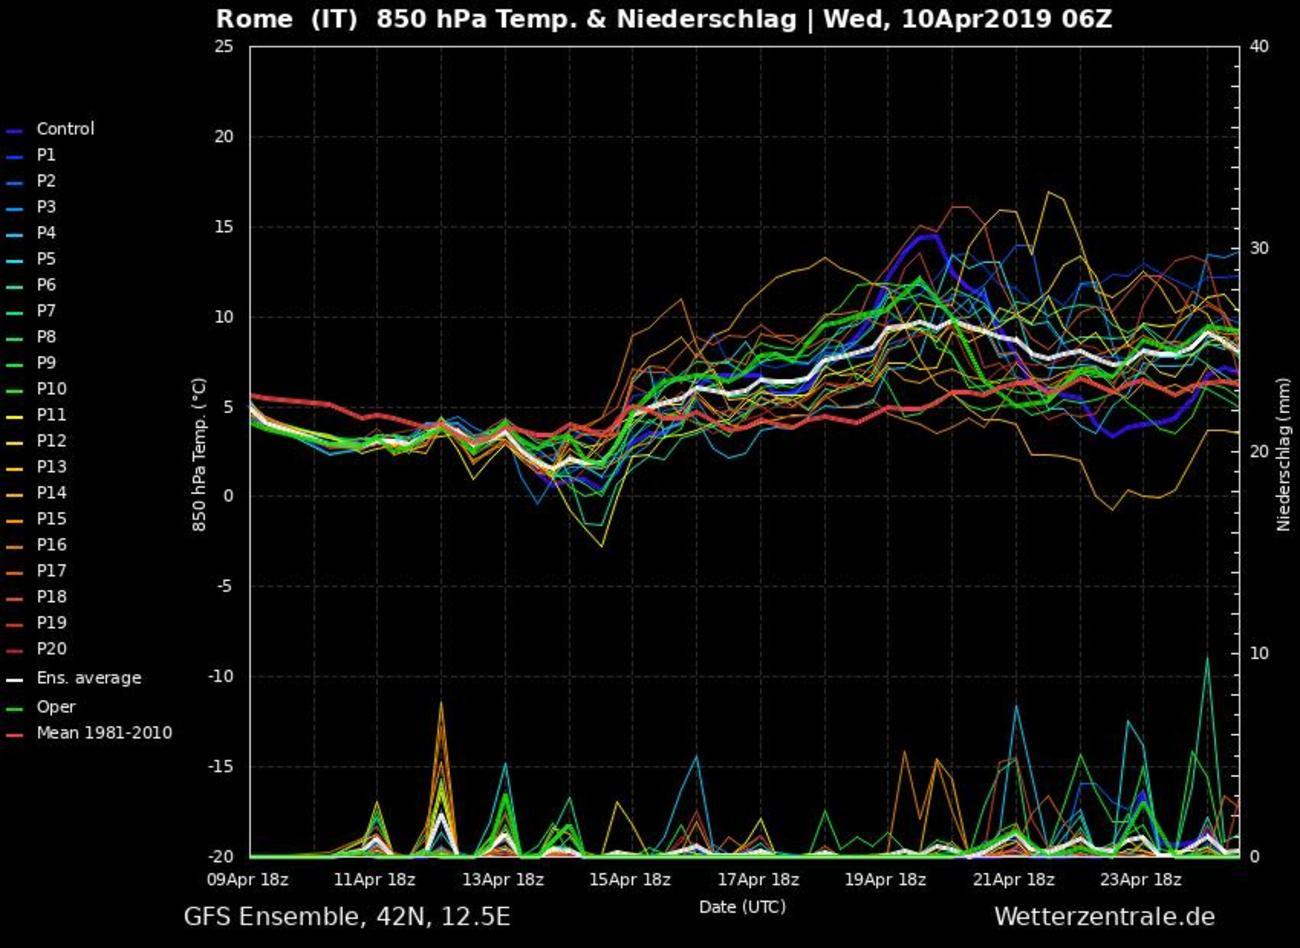 Spaghi del modello GFS che mostrano un aumento delle temperature per fine aprile - wetterzentrale.de